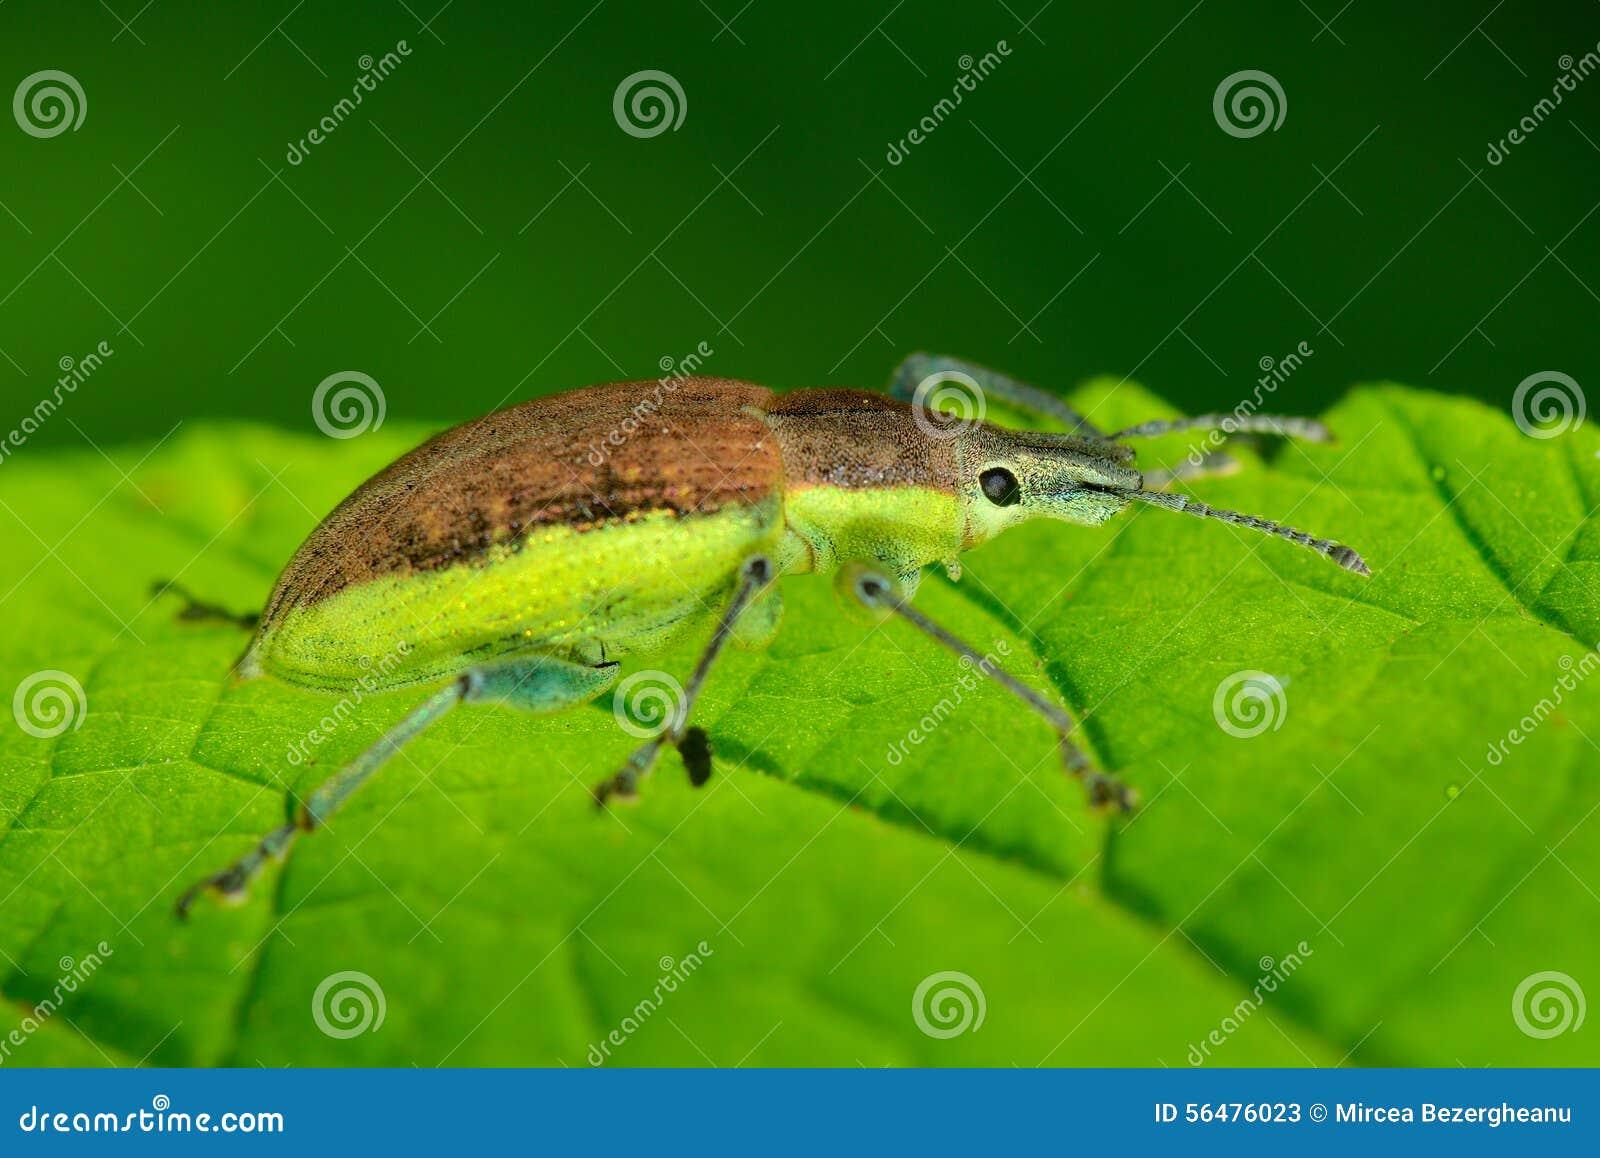 Insecte sur la feuille verte